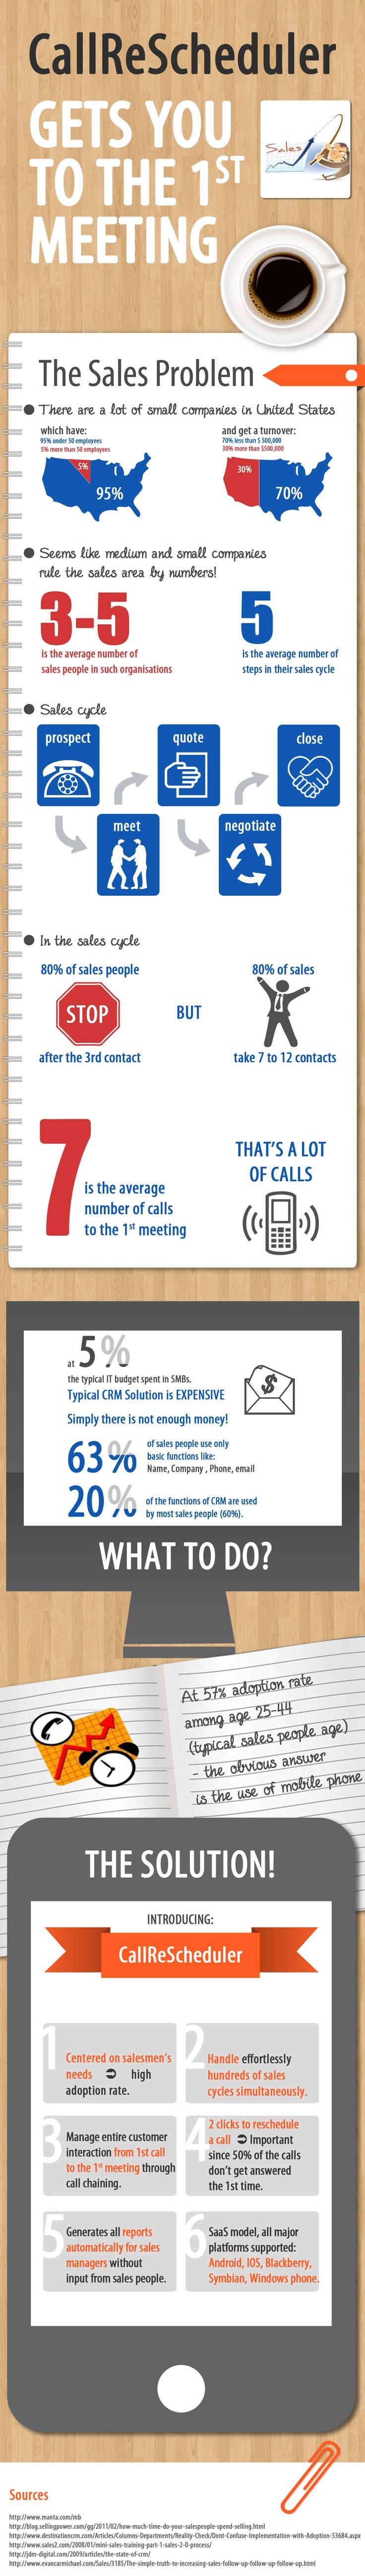 Get to the first meeting - CallReScheduler